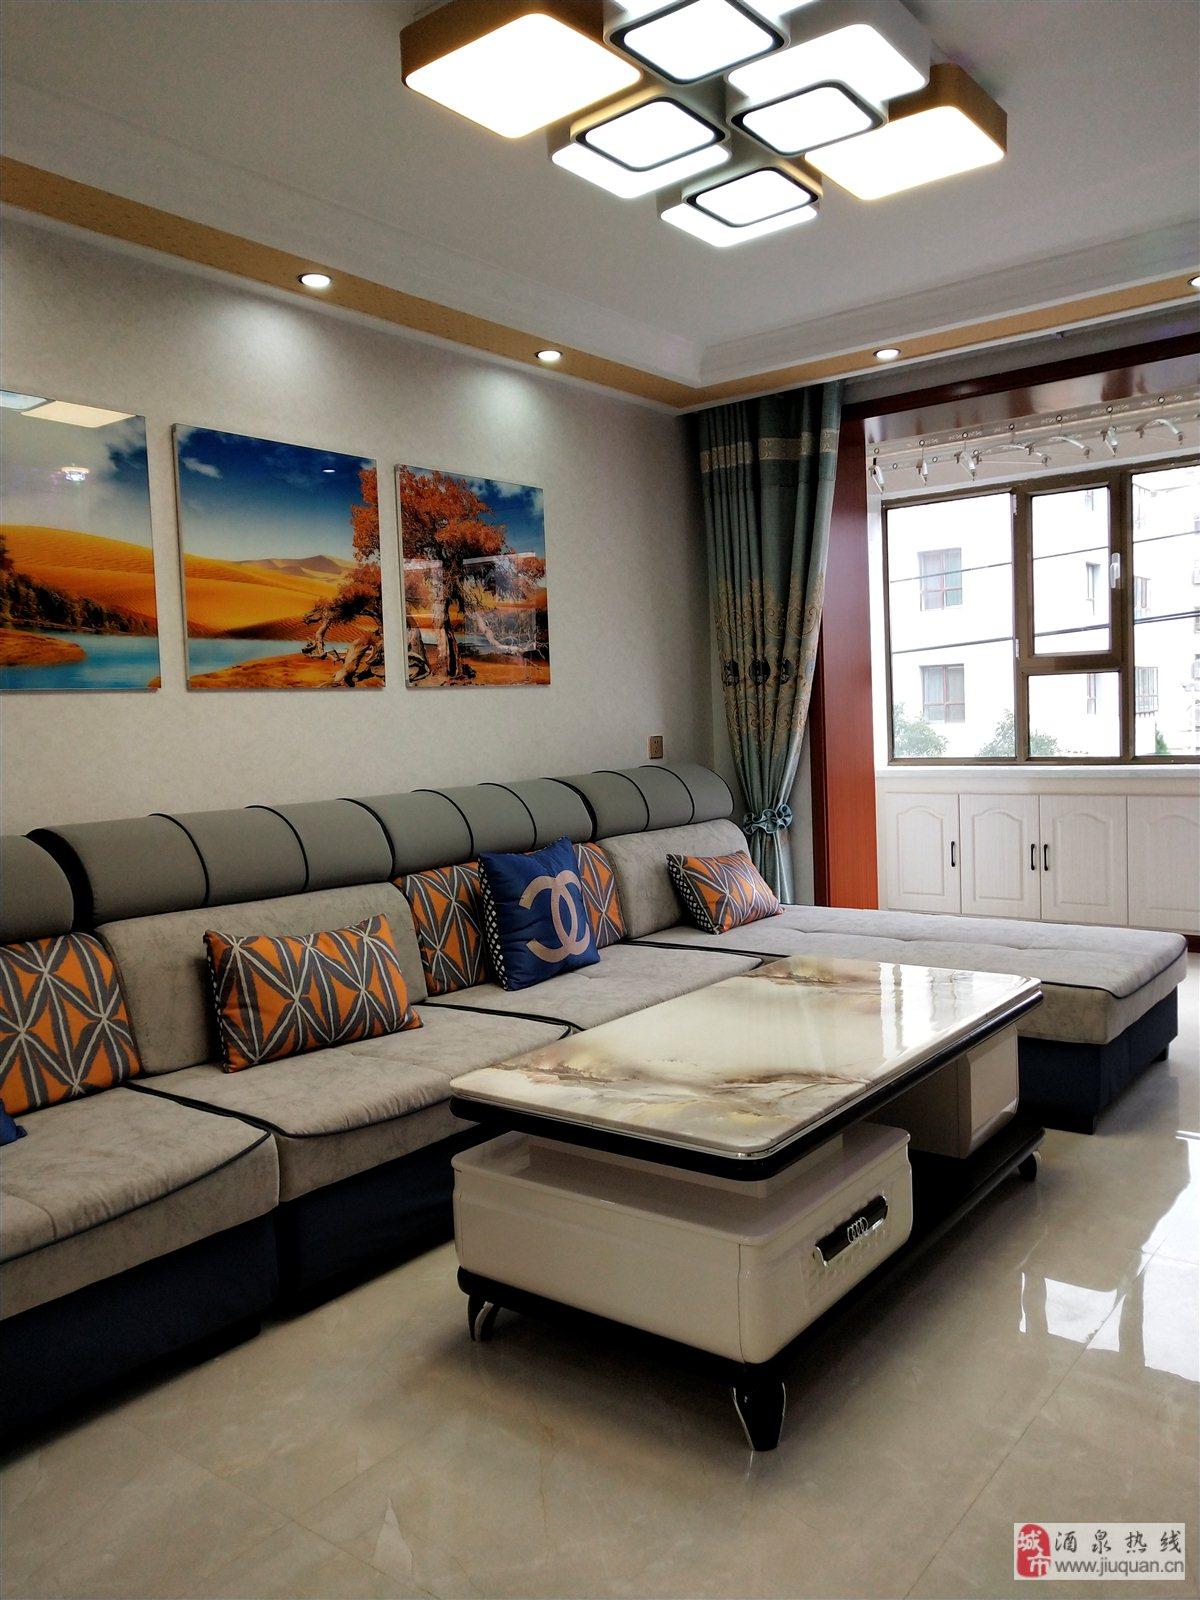 南苑小区(南苑路)2室 2厅 1卫43.8万元